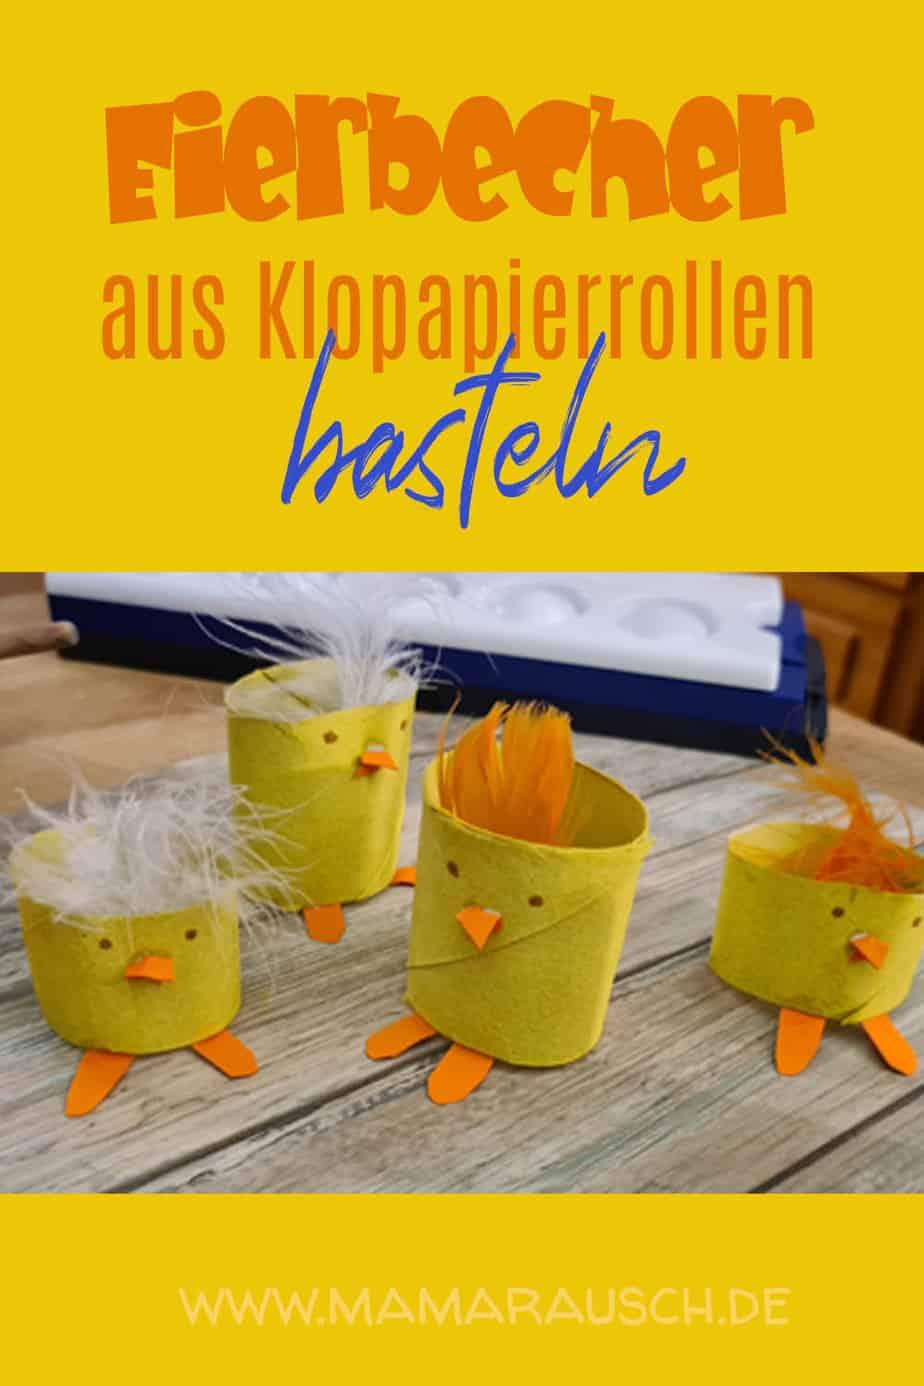 süße Kücken, Eierbecher aus Klopapierrollen basteln mit Kindern